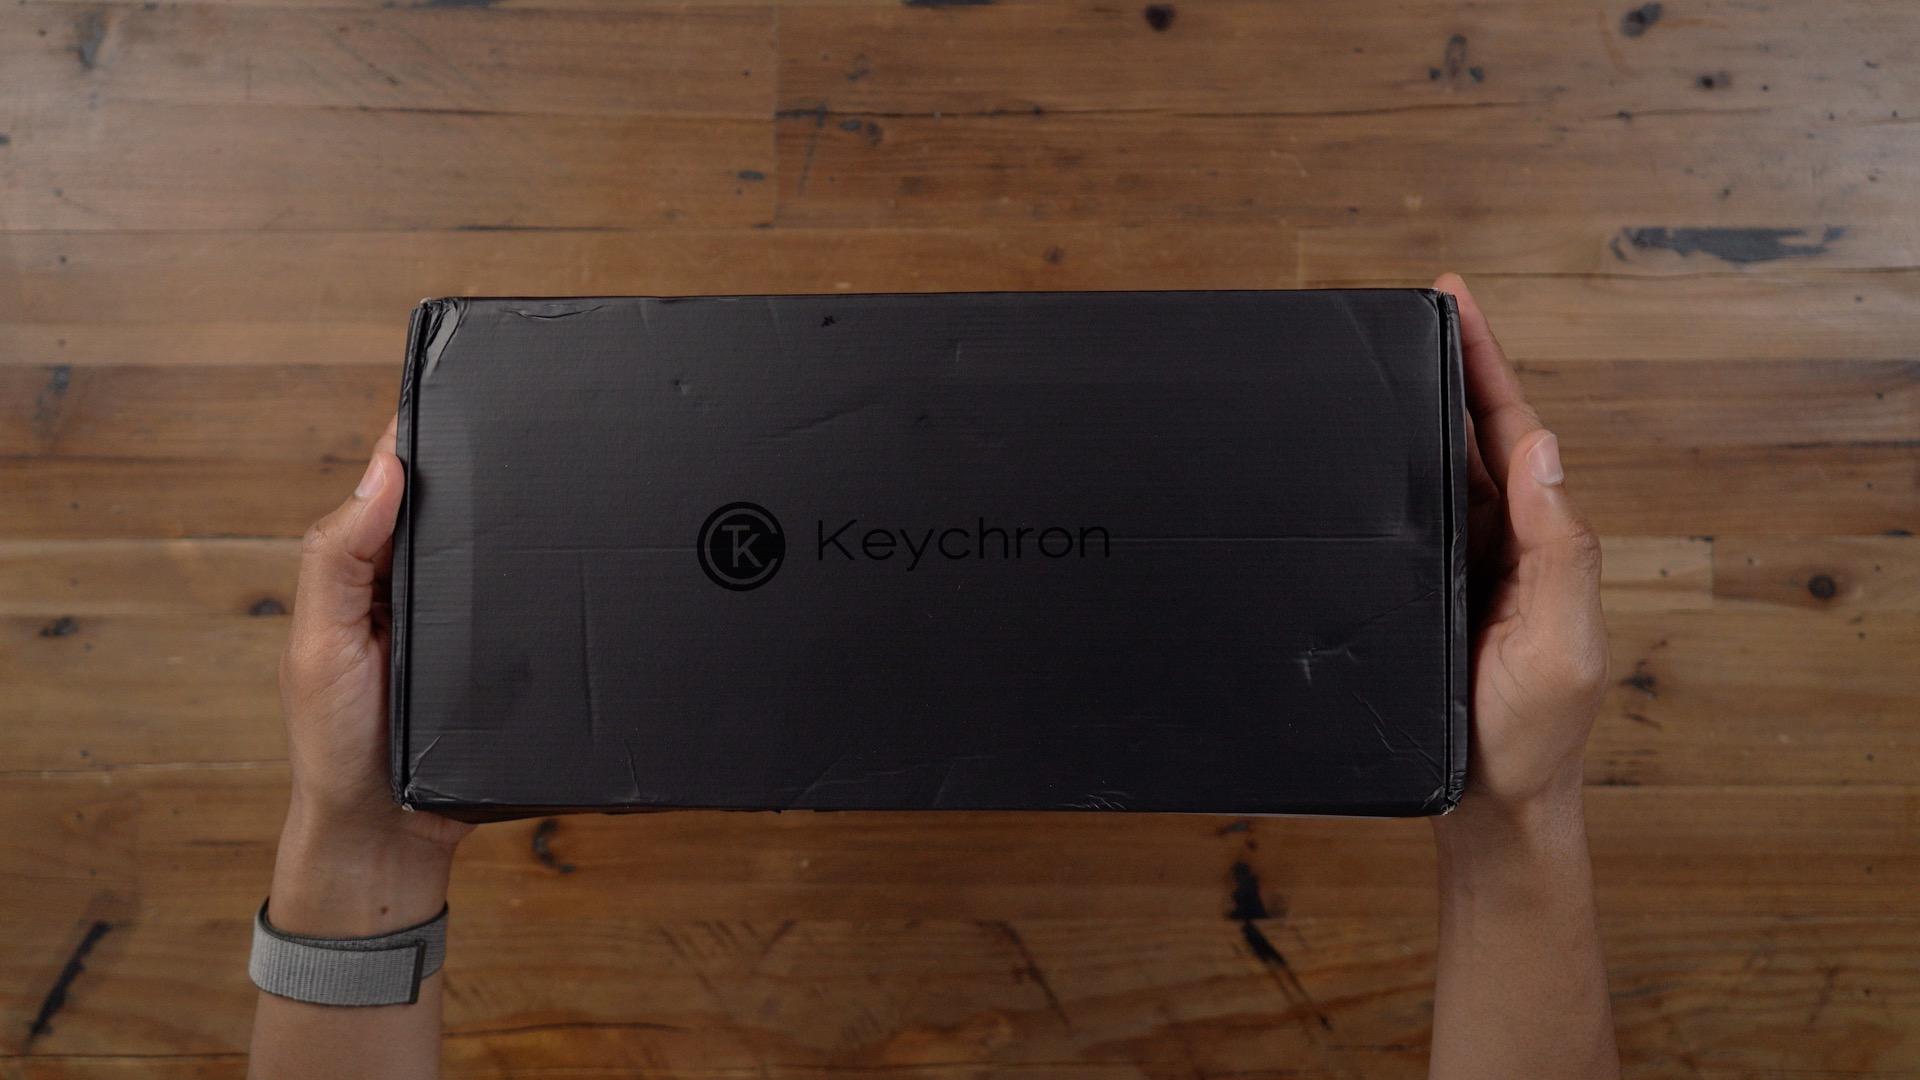 Keychron K2 unboxing